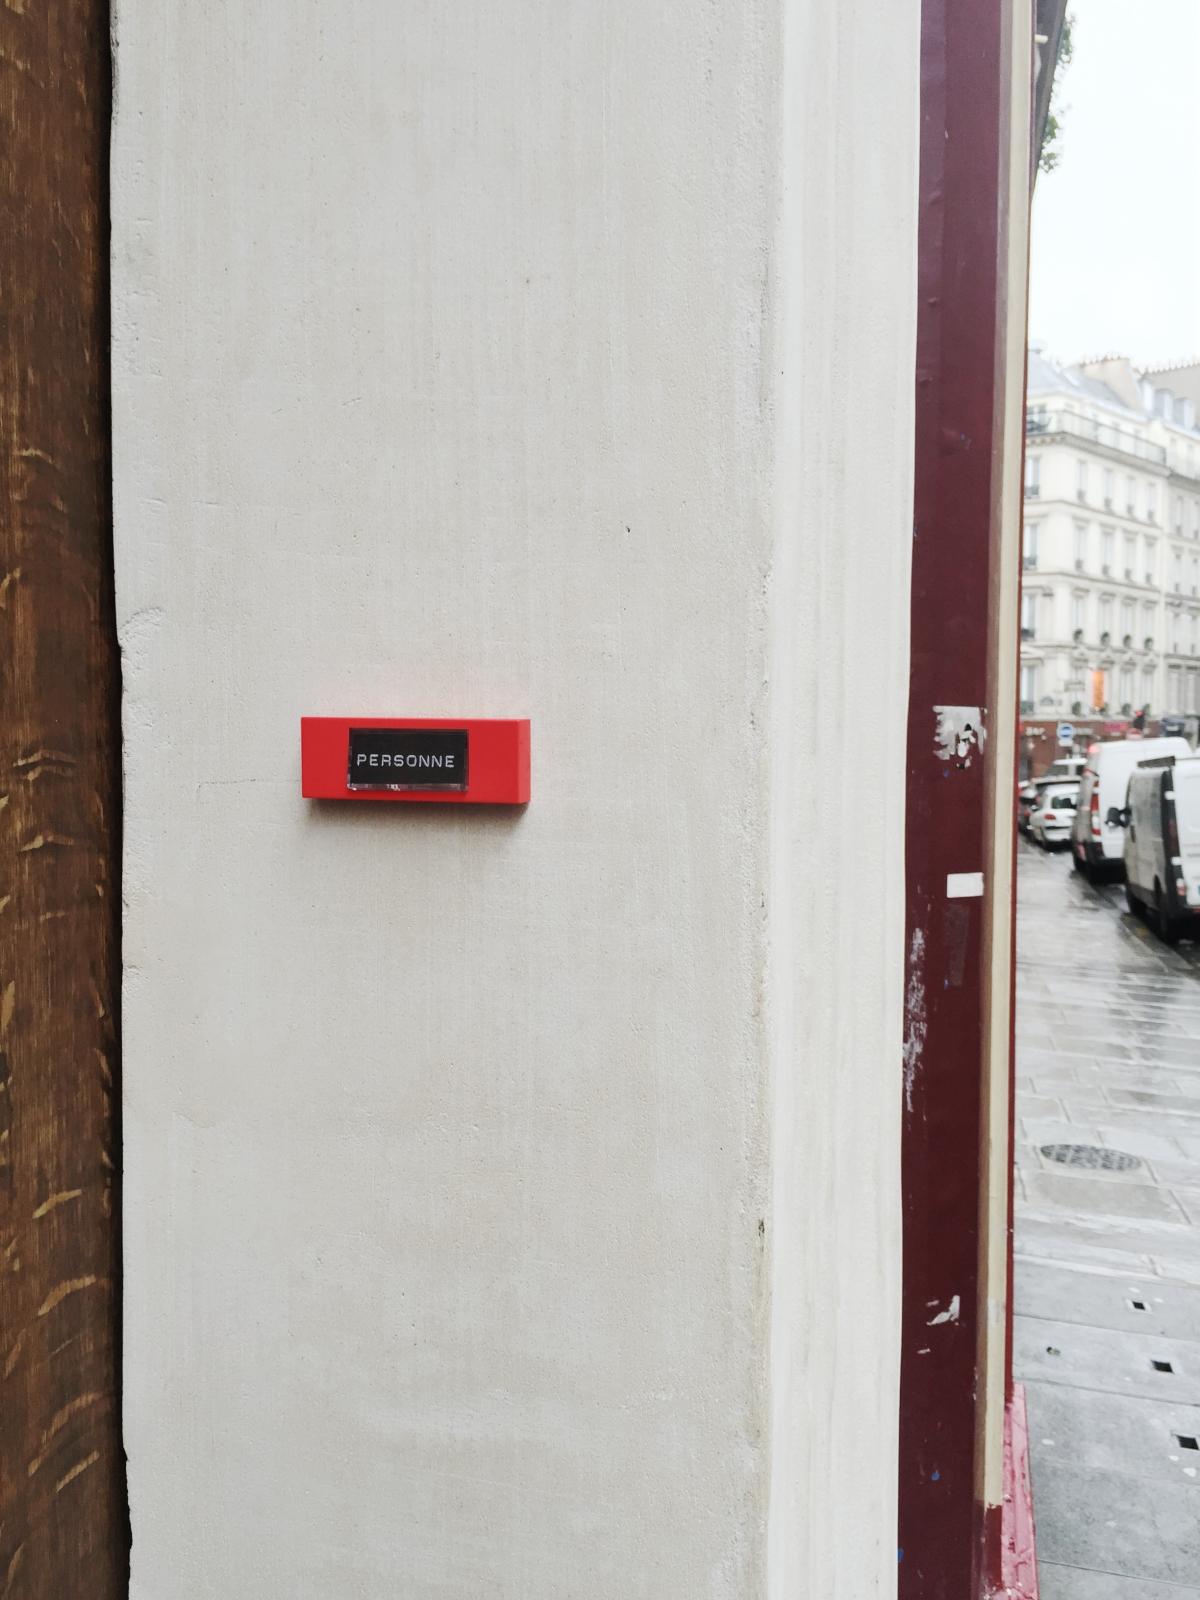 Personne - Paris 9ème arrondissement - 2014 - Le Sonneur